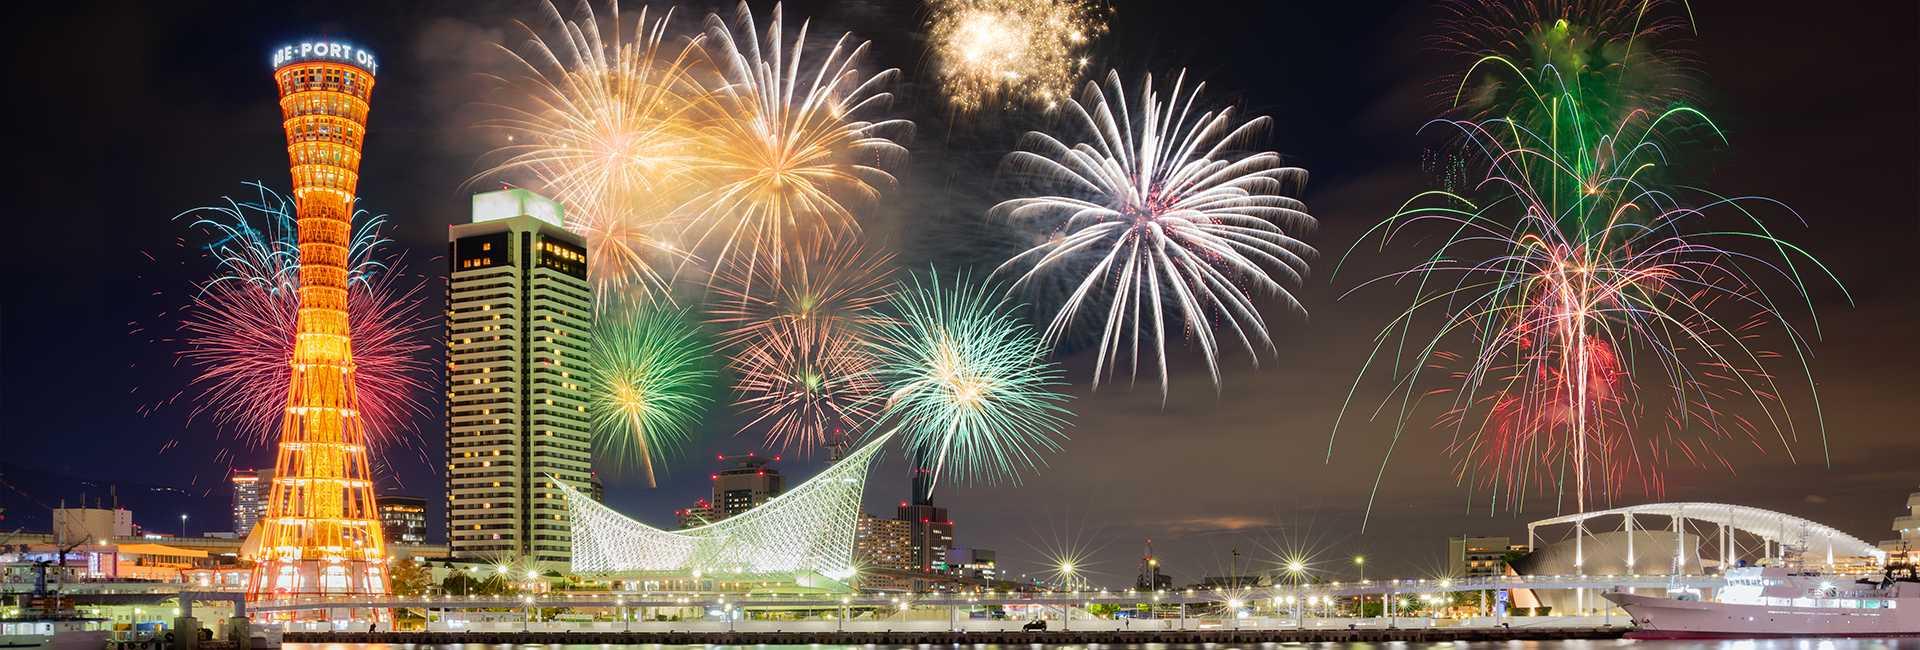 feux d'artifices au port de Kobe